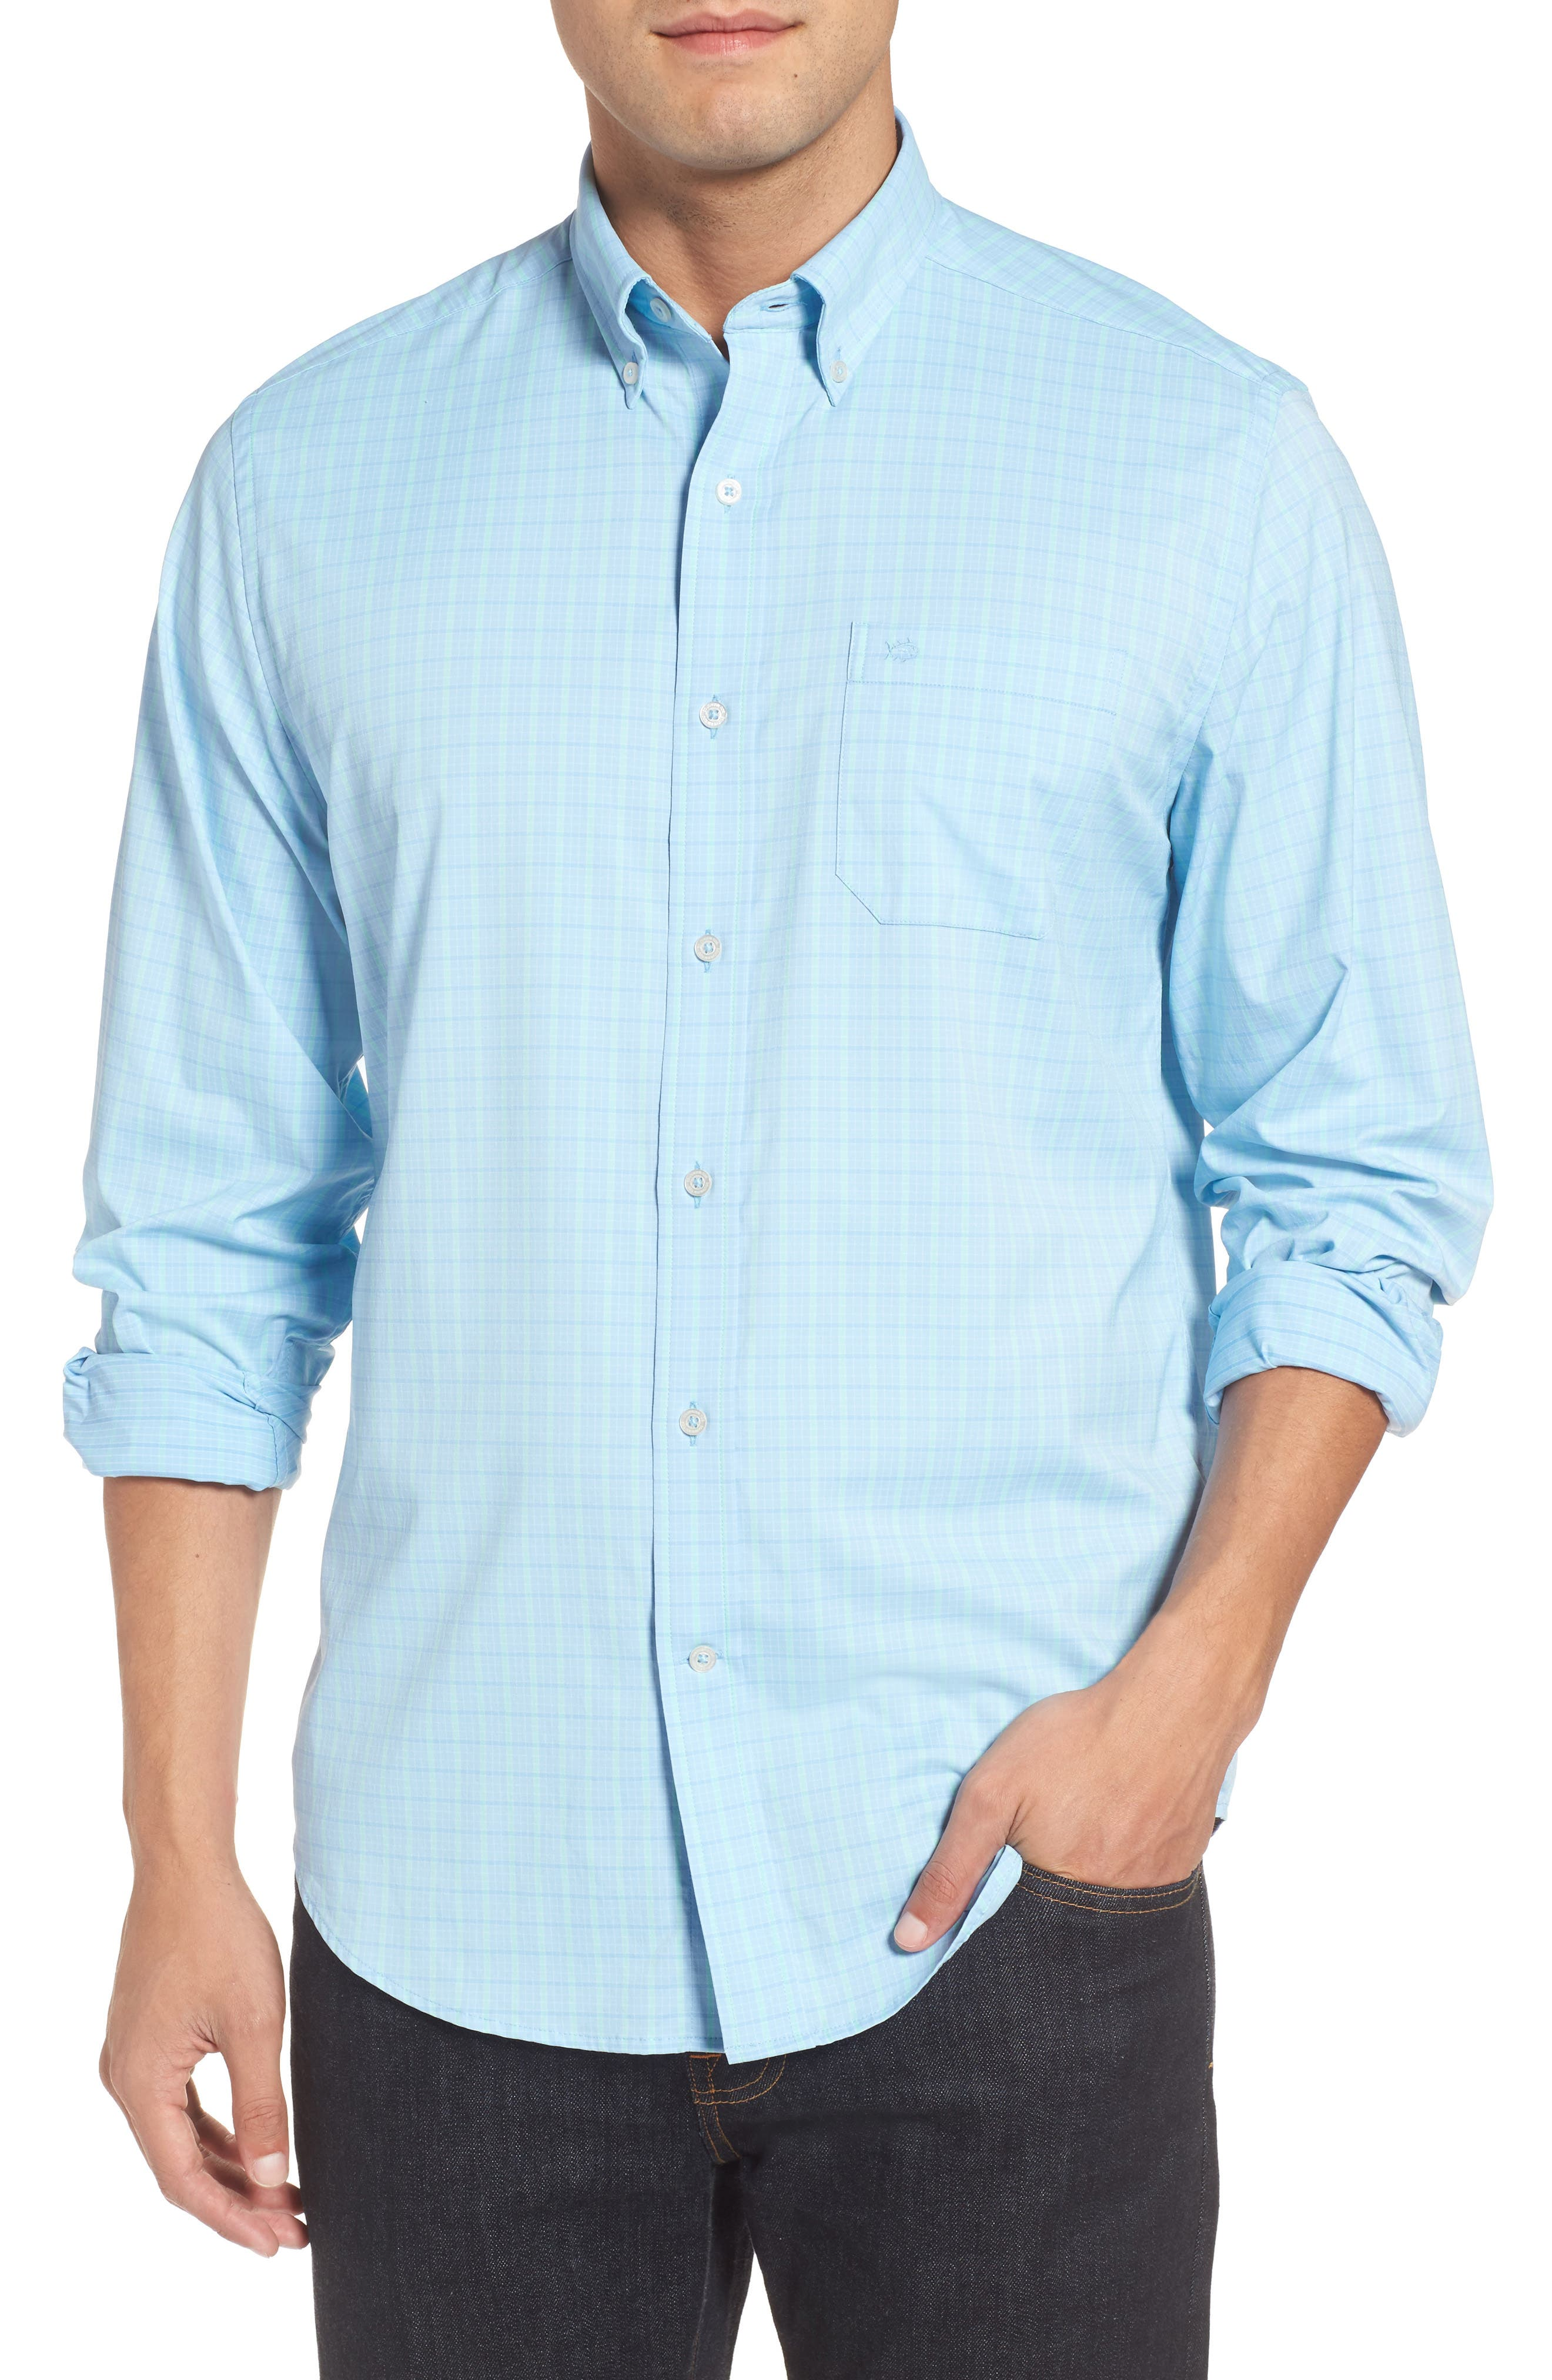 Intercoastal Gordia Plaid Sport Shirt,                         Main,                         color, Sky Blue